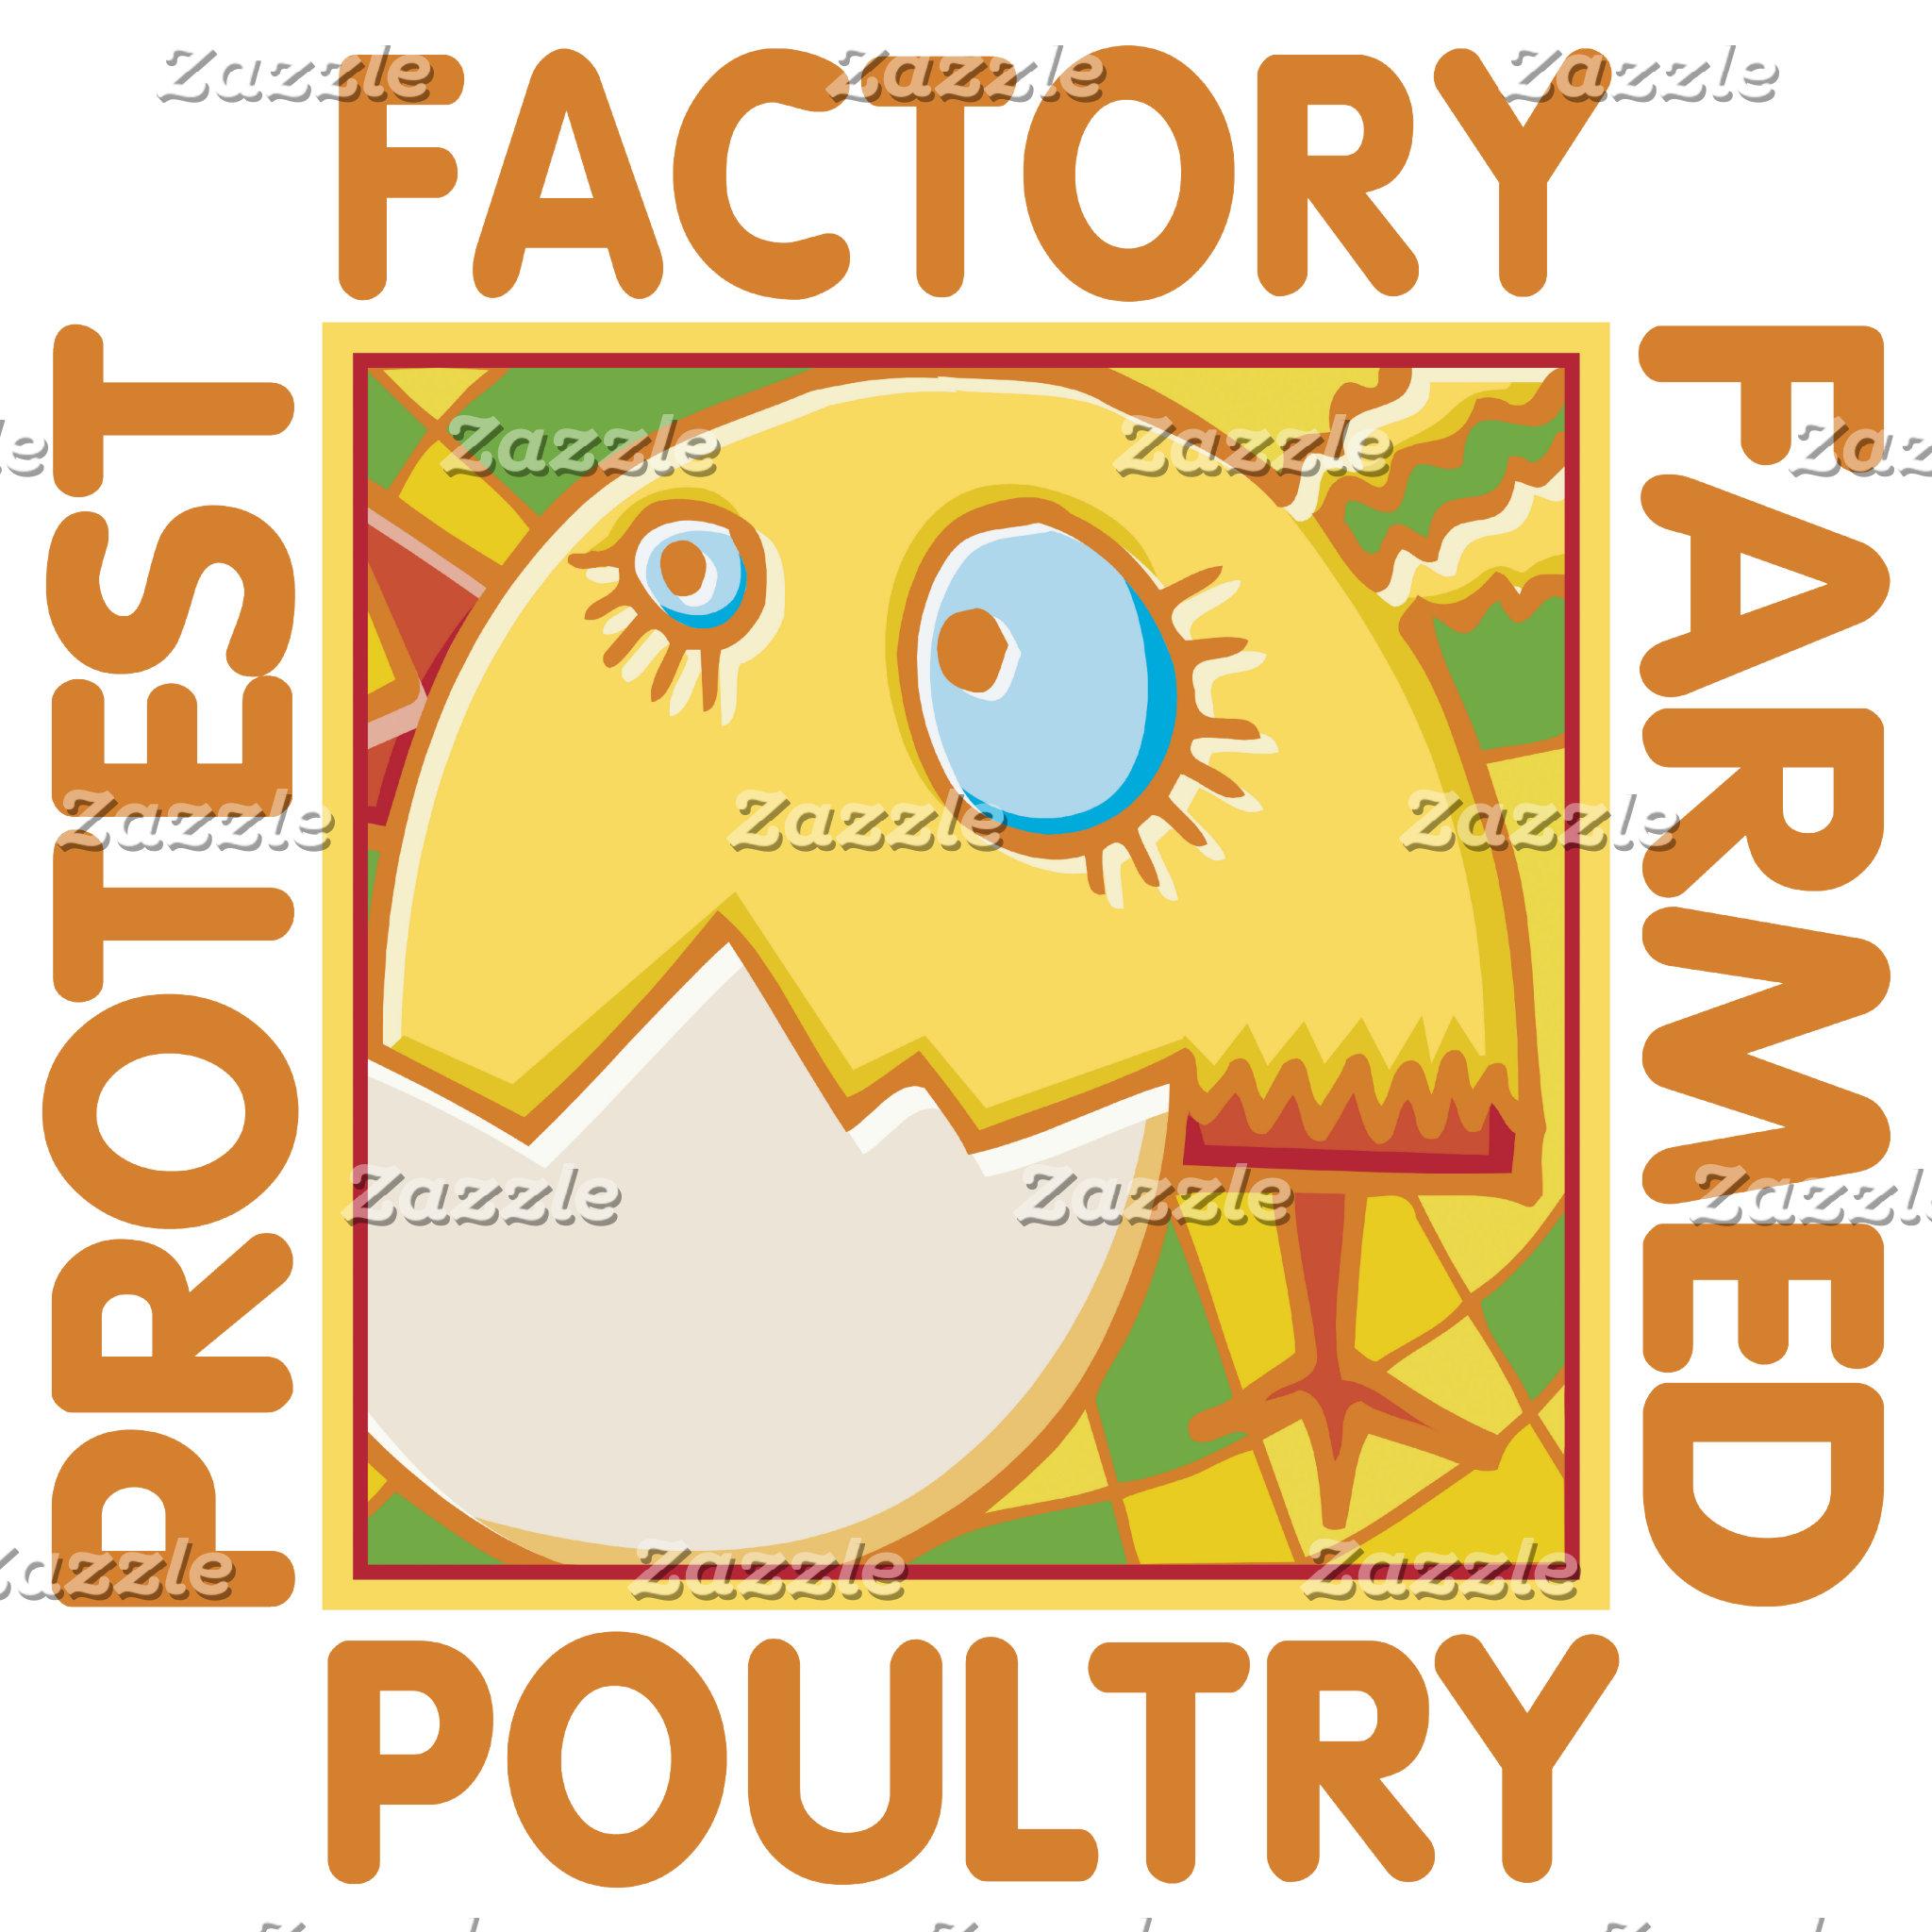 Factory Farm Poultry